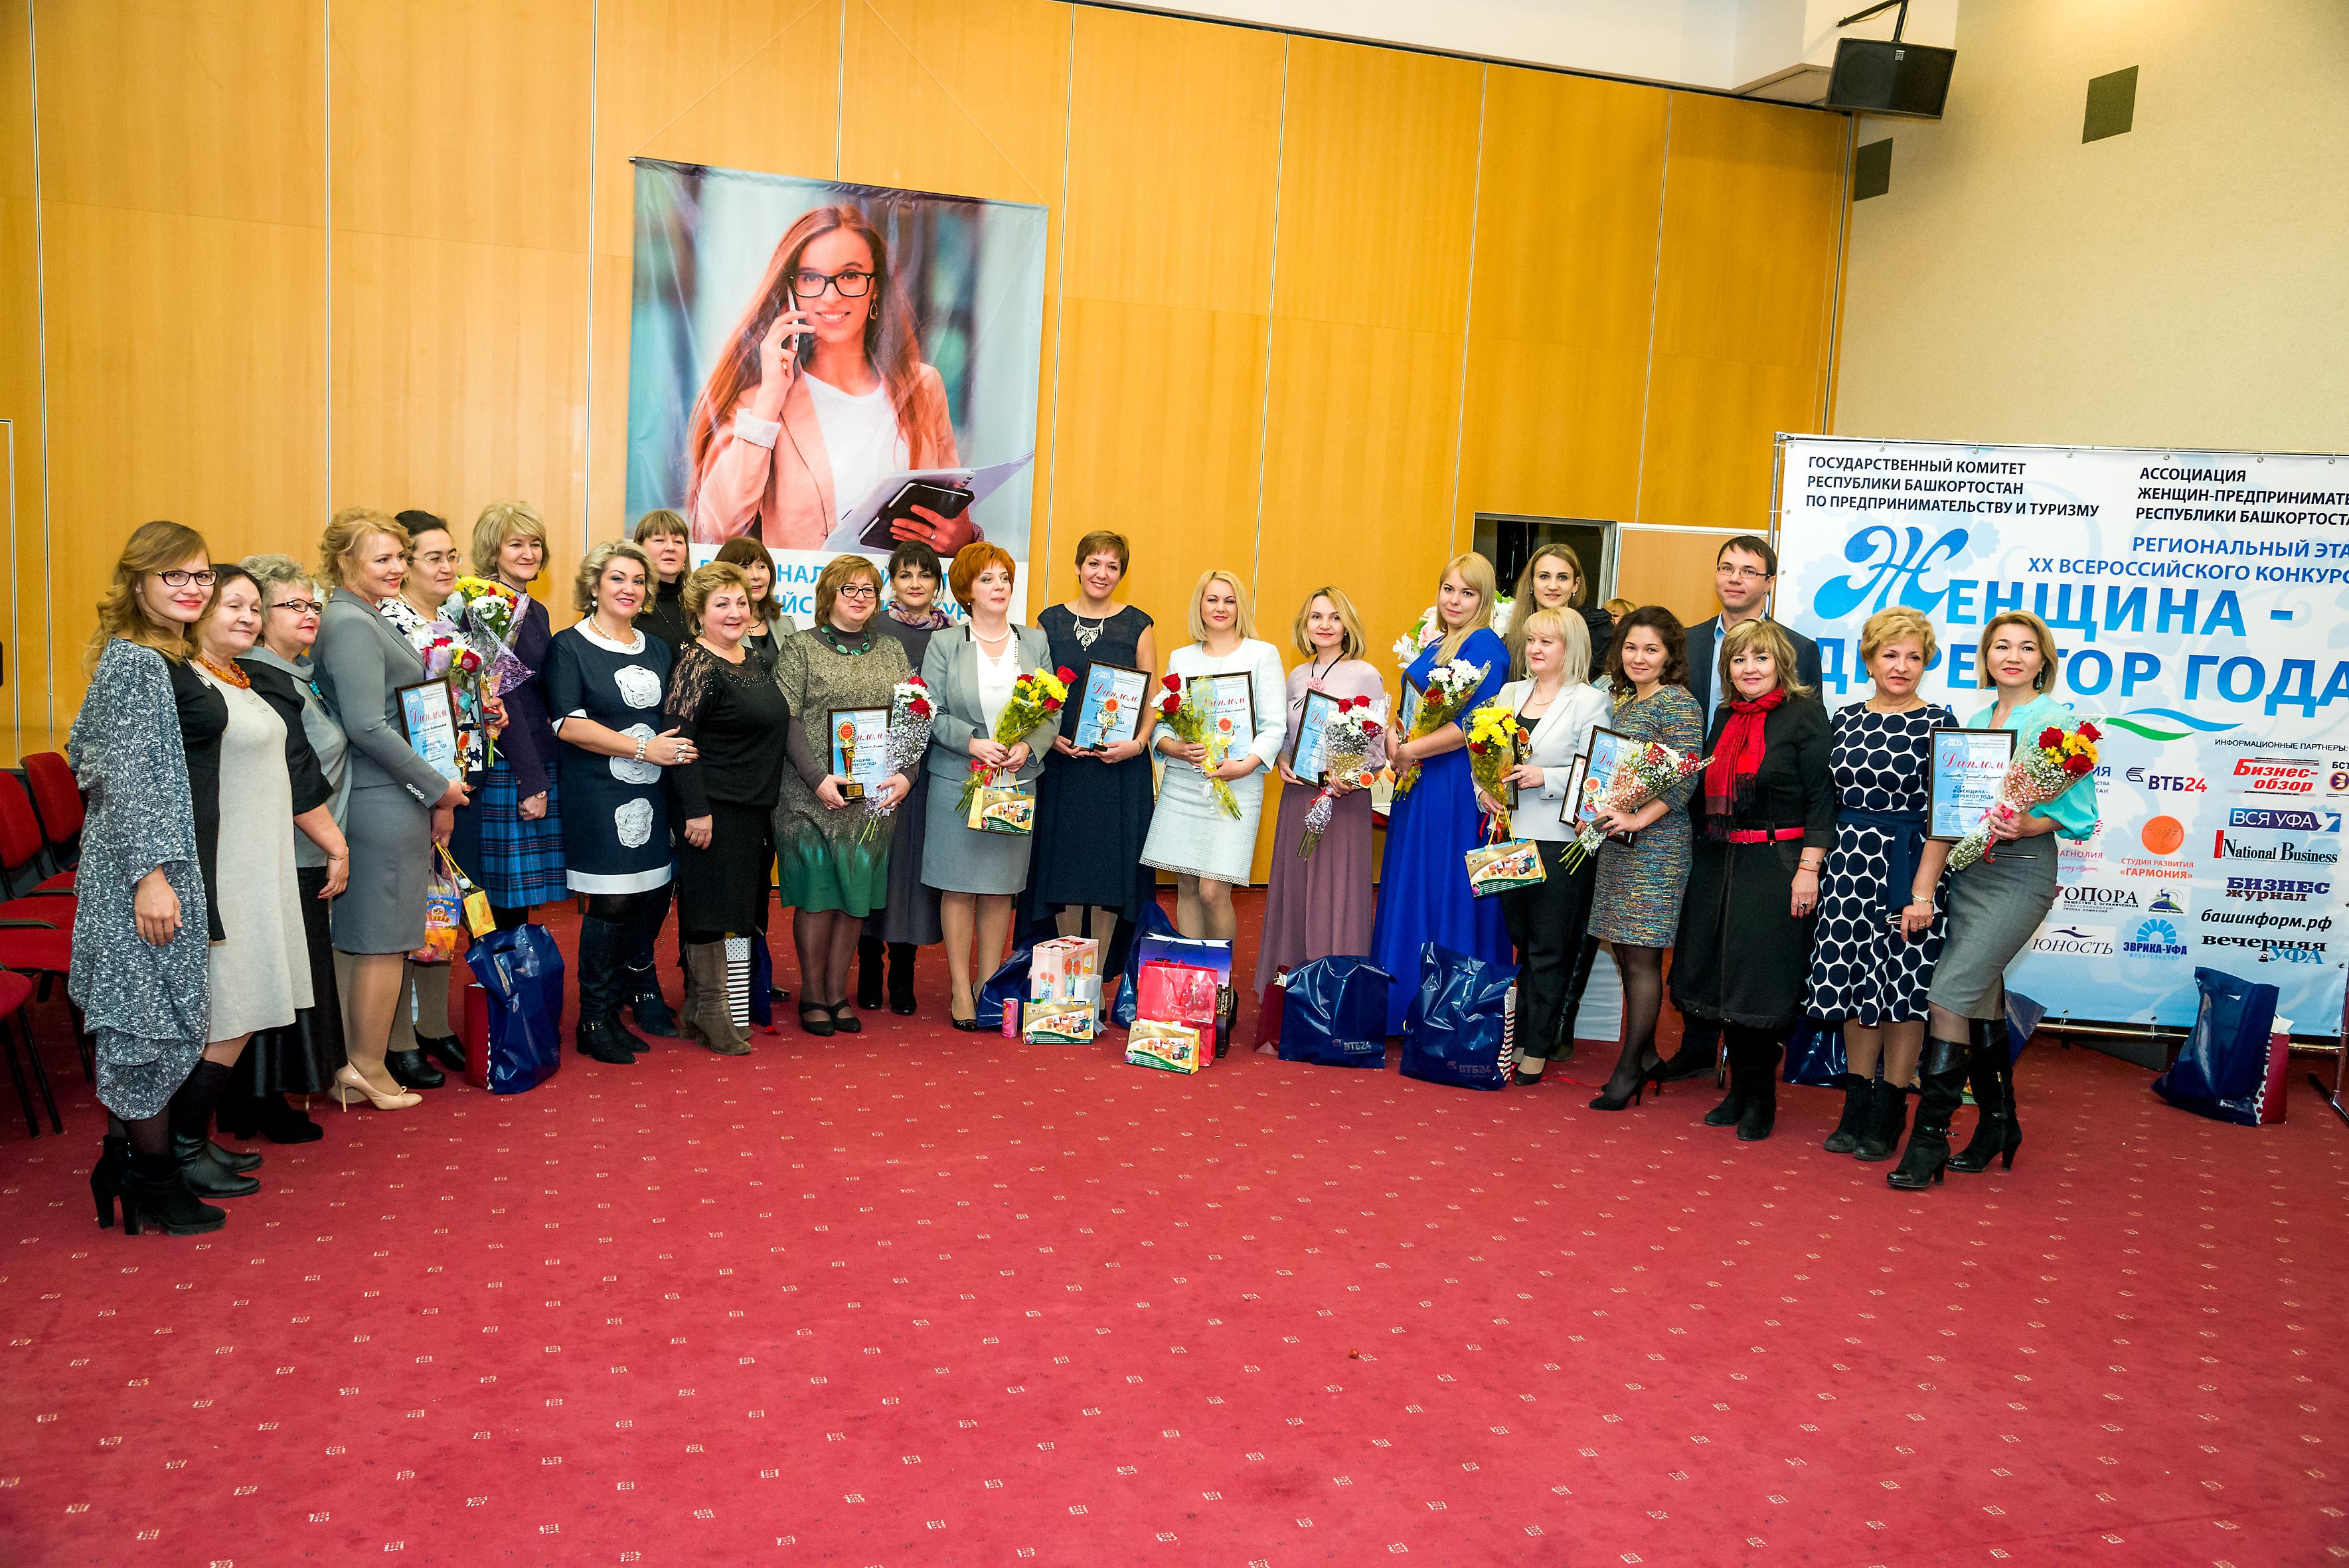 Всероссийские конкурсы для женщин